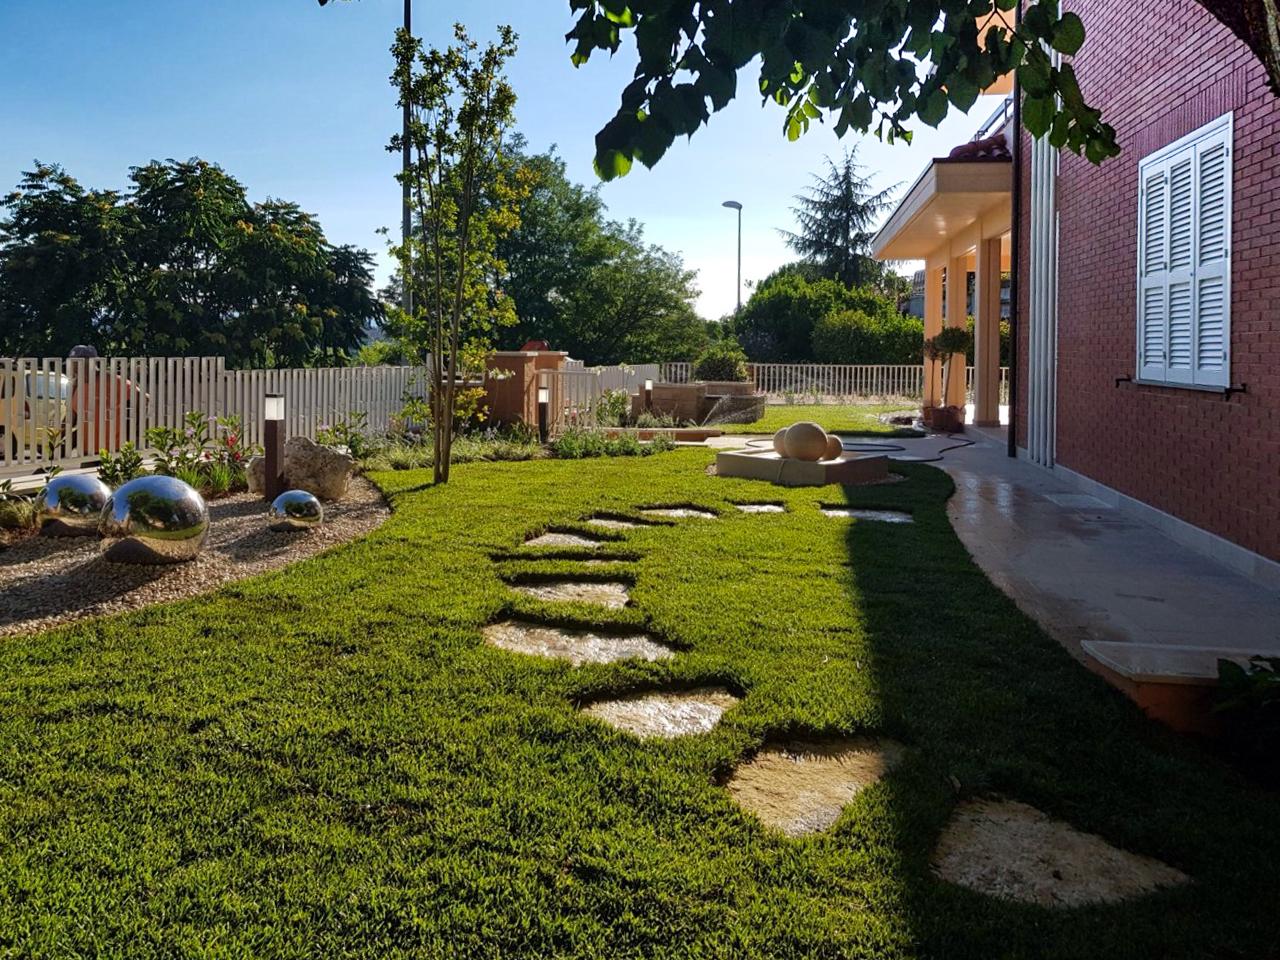 Top Come realizzare un giardino? La parola all'architetto MV22